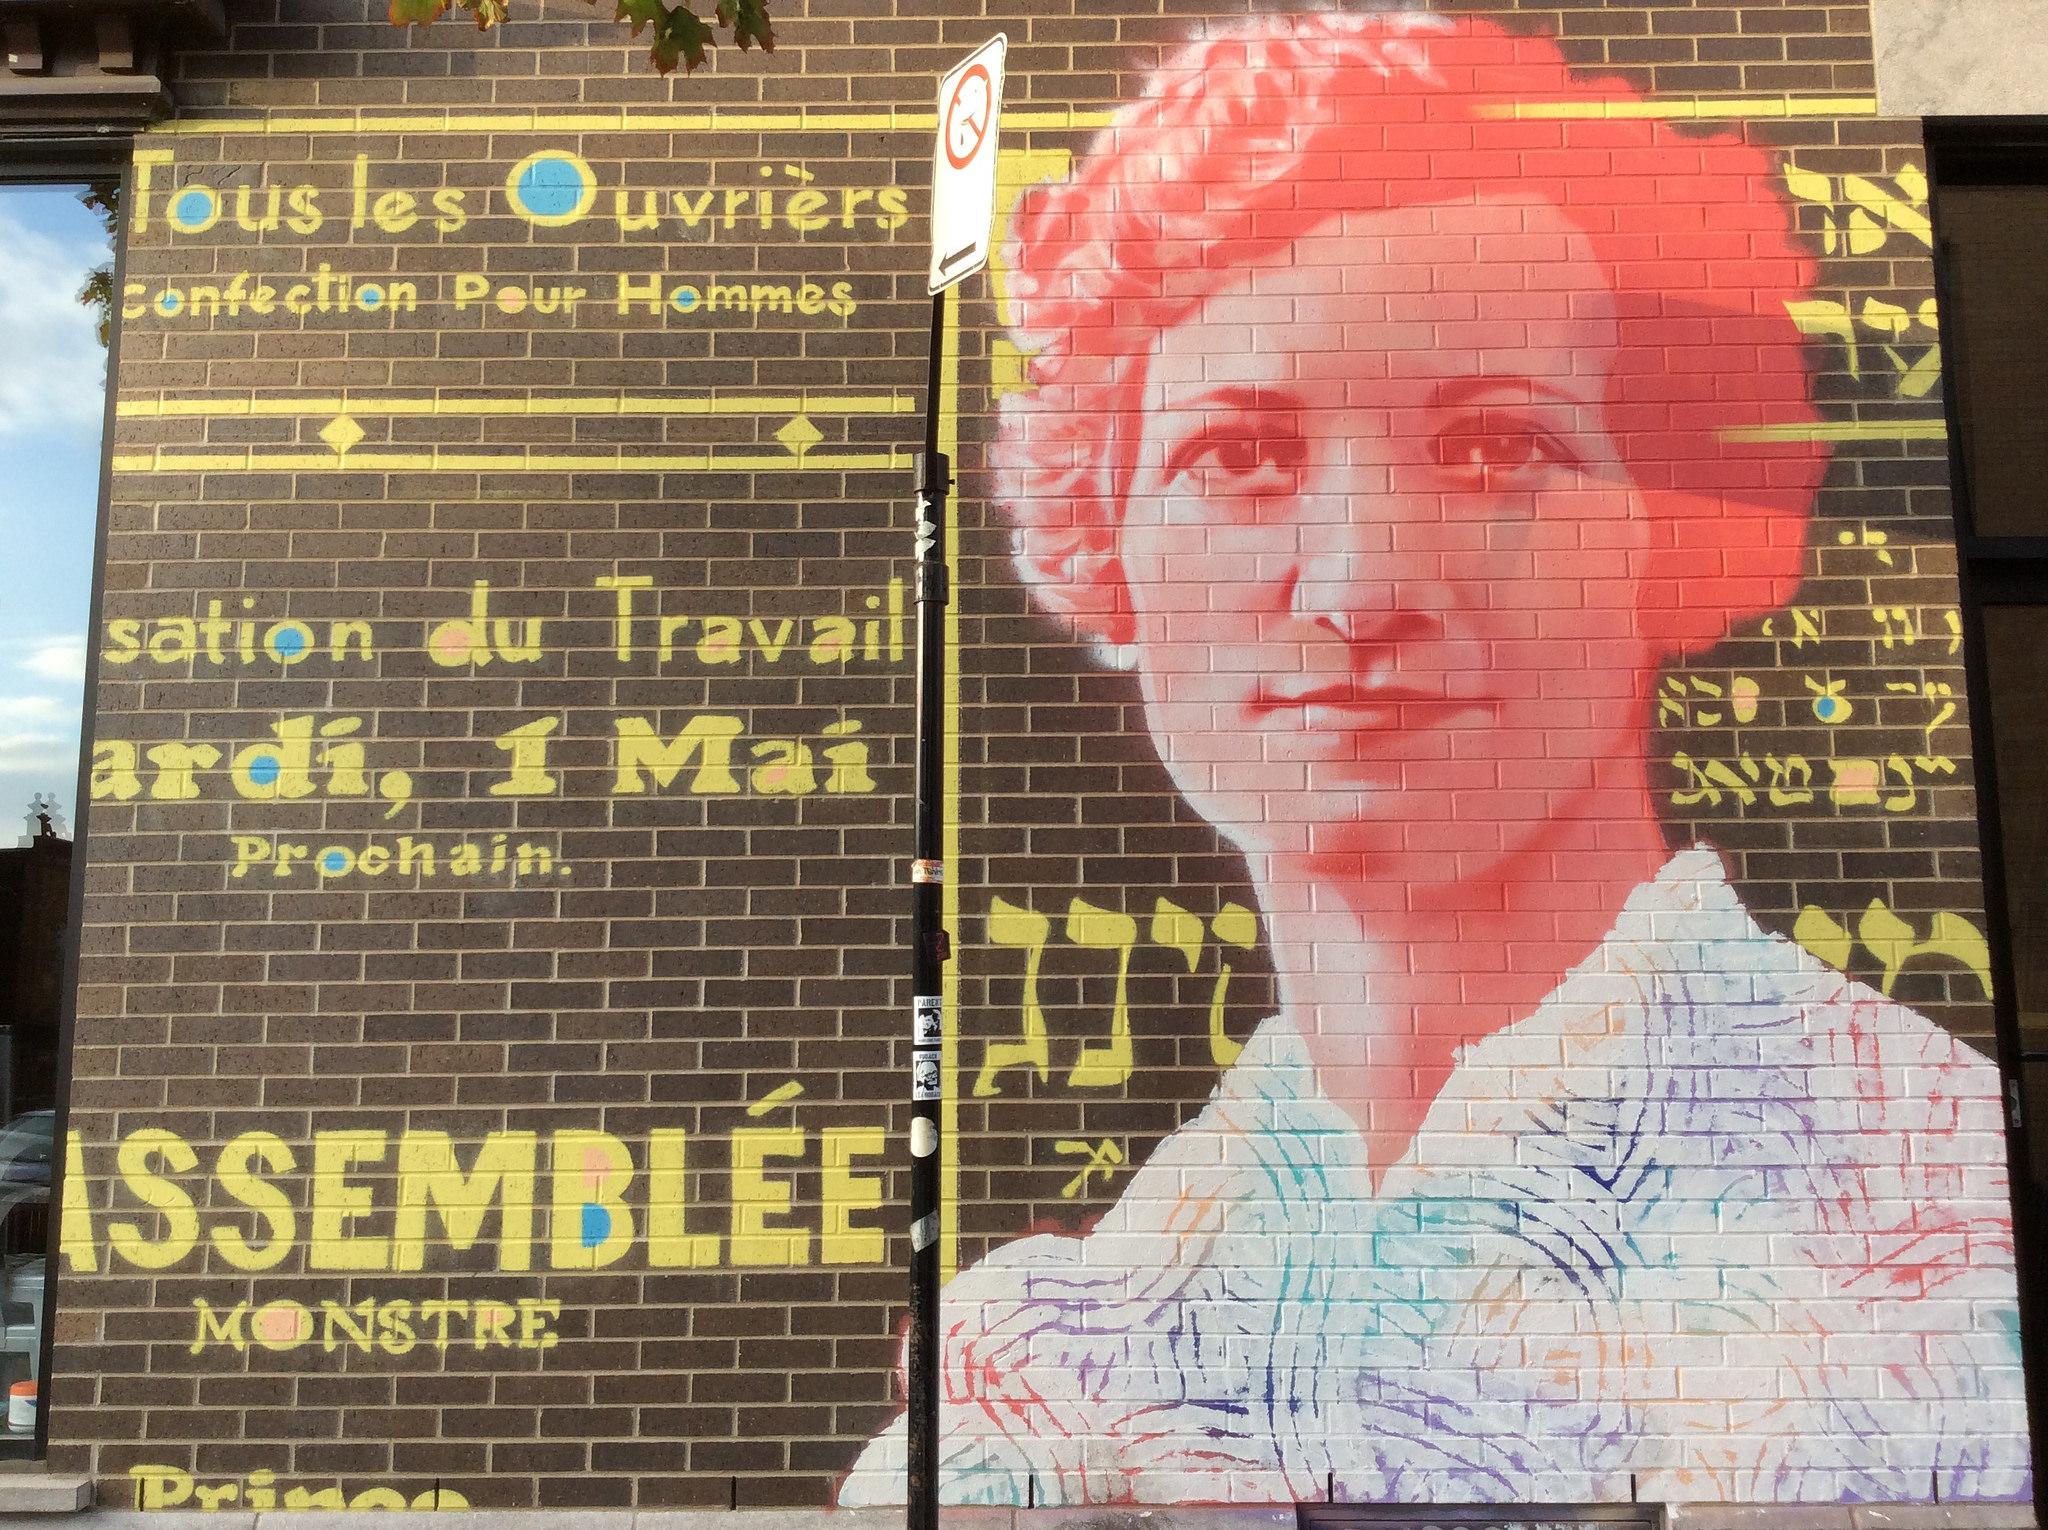 Murale en homme à Léa Roback, à l'intersection de l'avenue du Mont-Royal et de la rue Saint-Dominique.